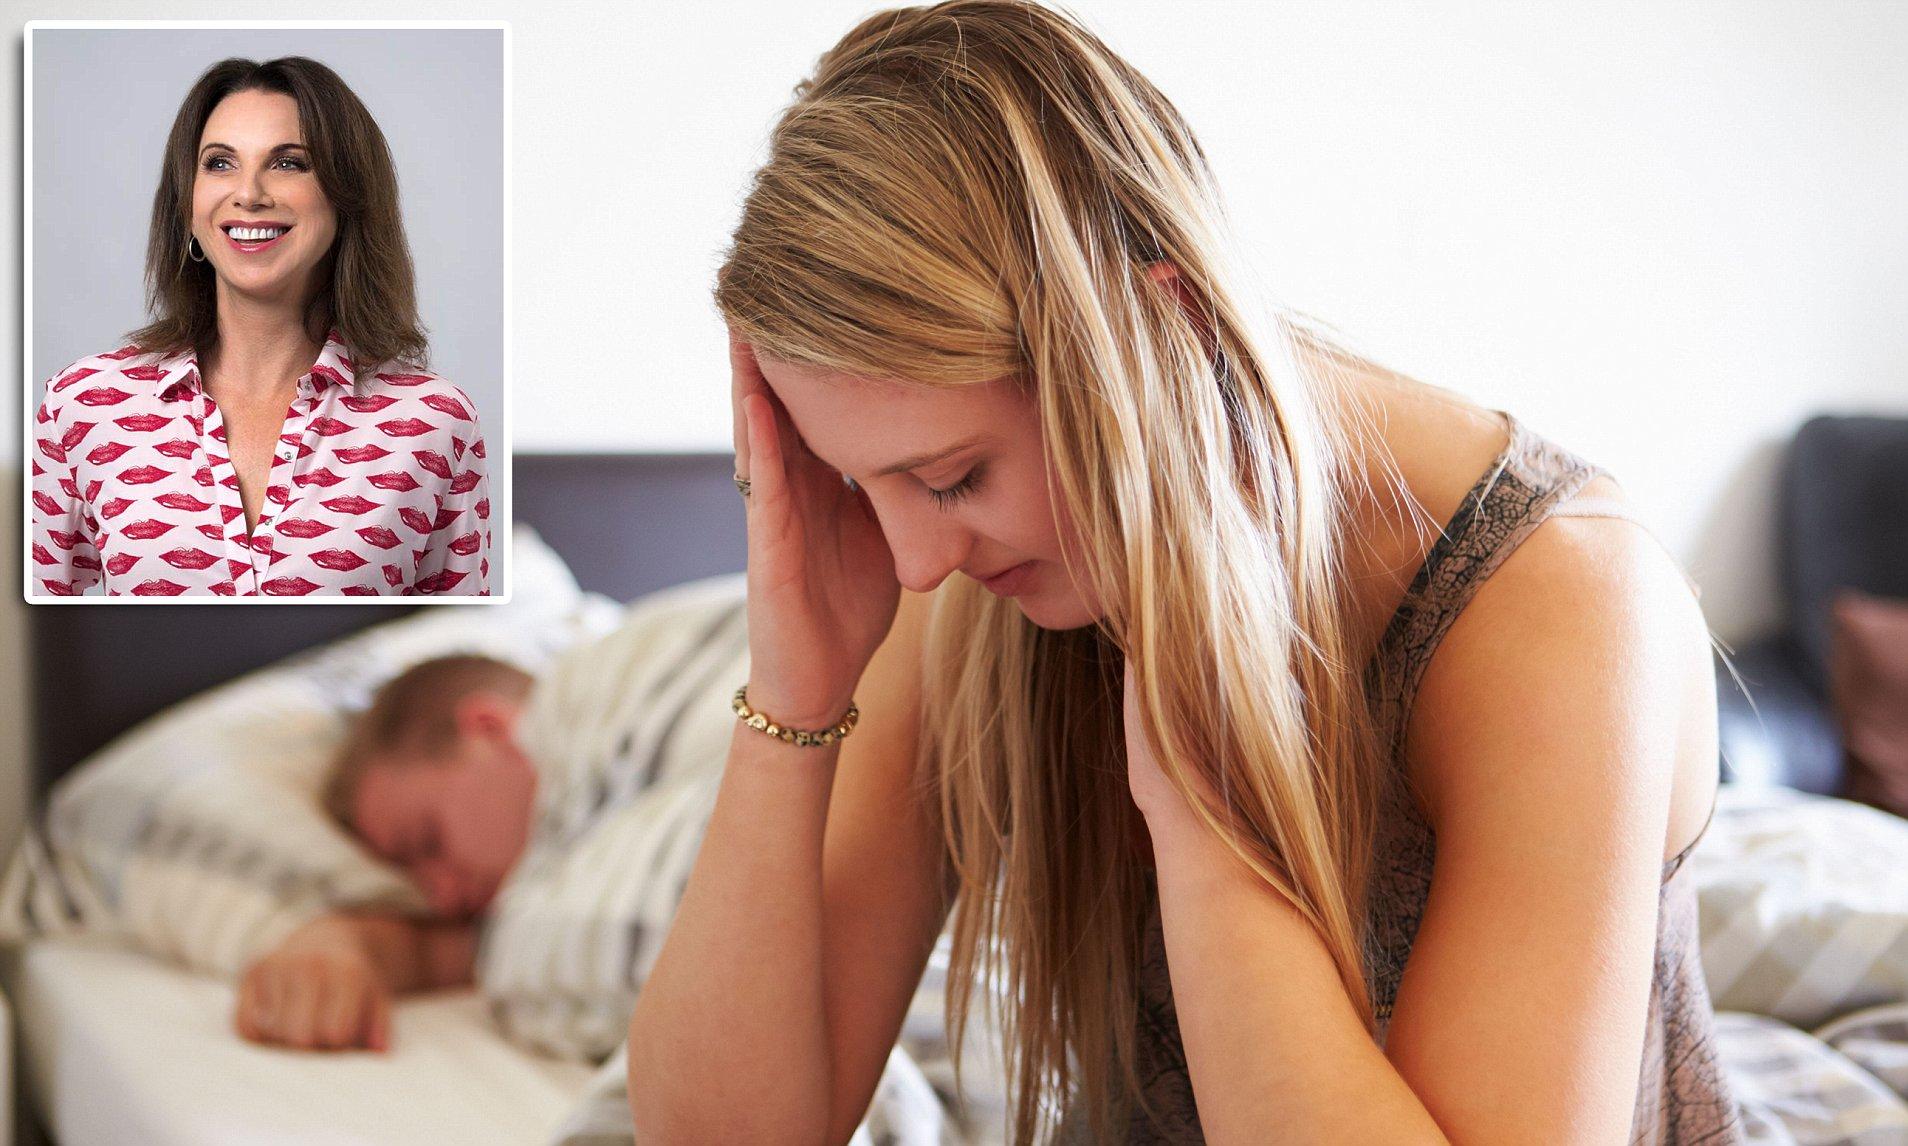 Virgin girls losing their virginity